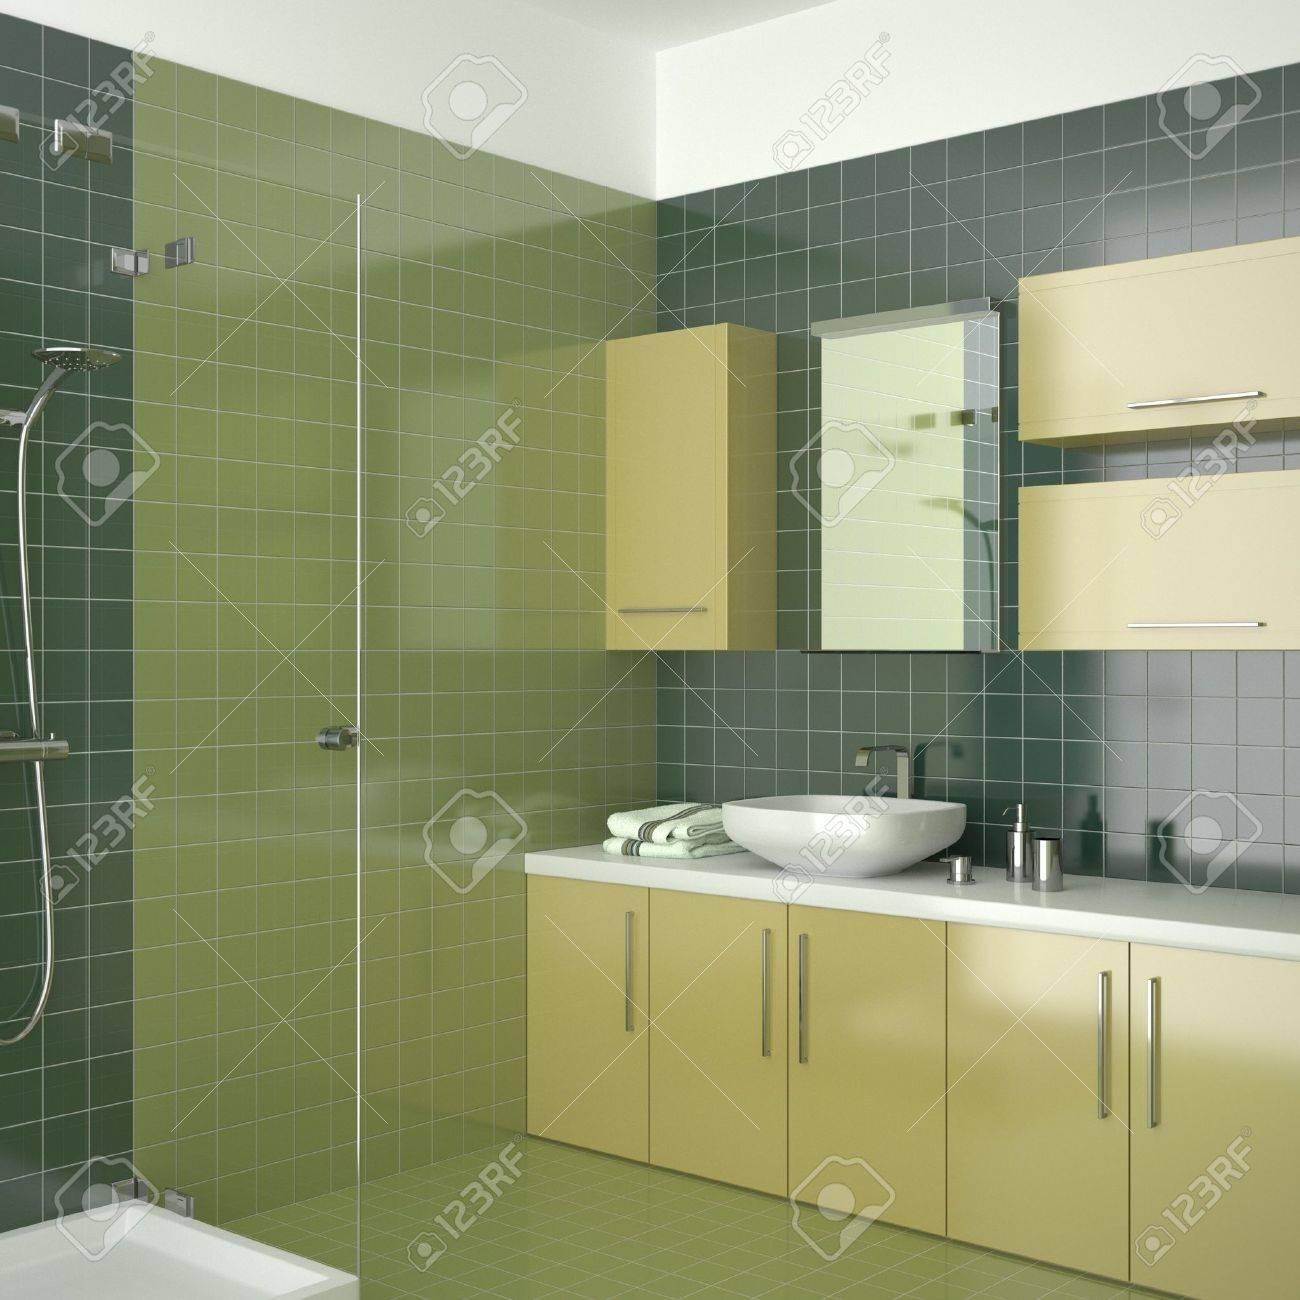 bagno moderno di verde con mobili di colore giallo foto royalty ... - Bagni Moderni Verdi